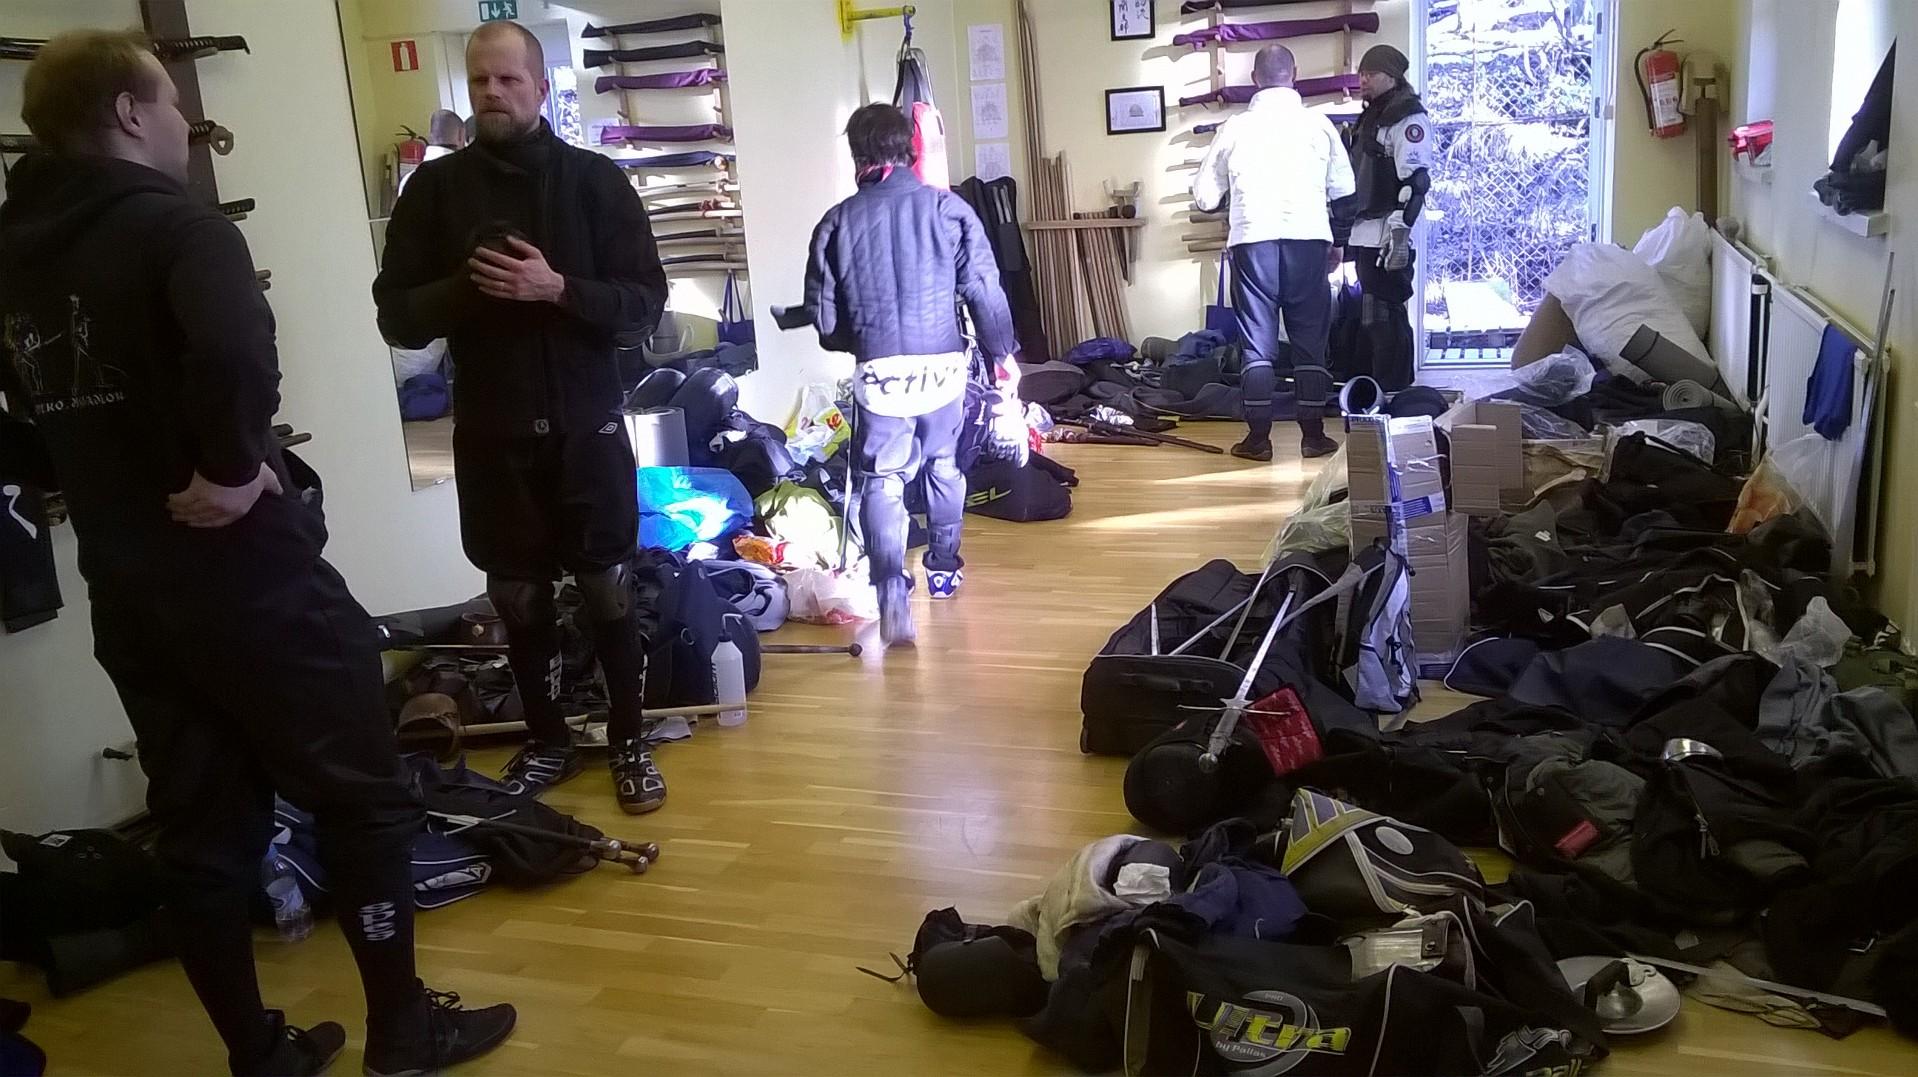 Pienempi sali oli varattu varusteluolaksi, jossa vietettiin myös taukoja ja tutustuttiin eri puolilta Suomea saapuneisiin harrastajiin.